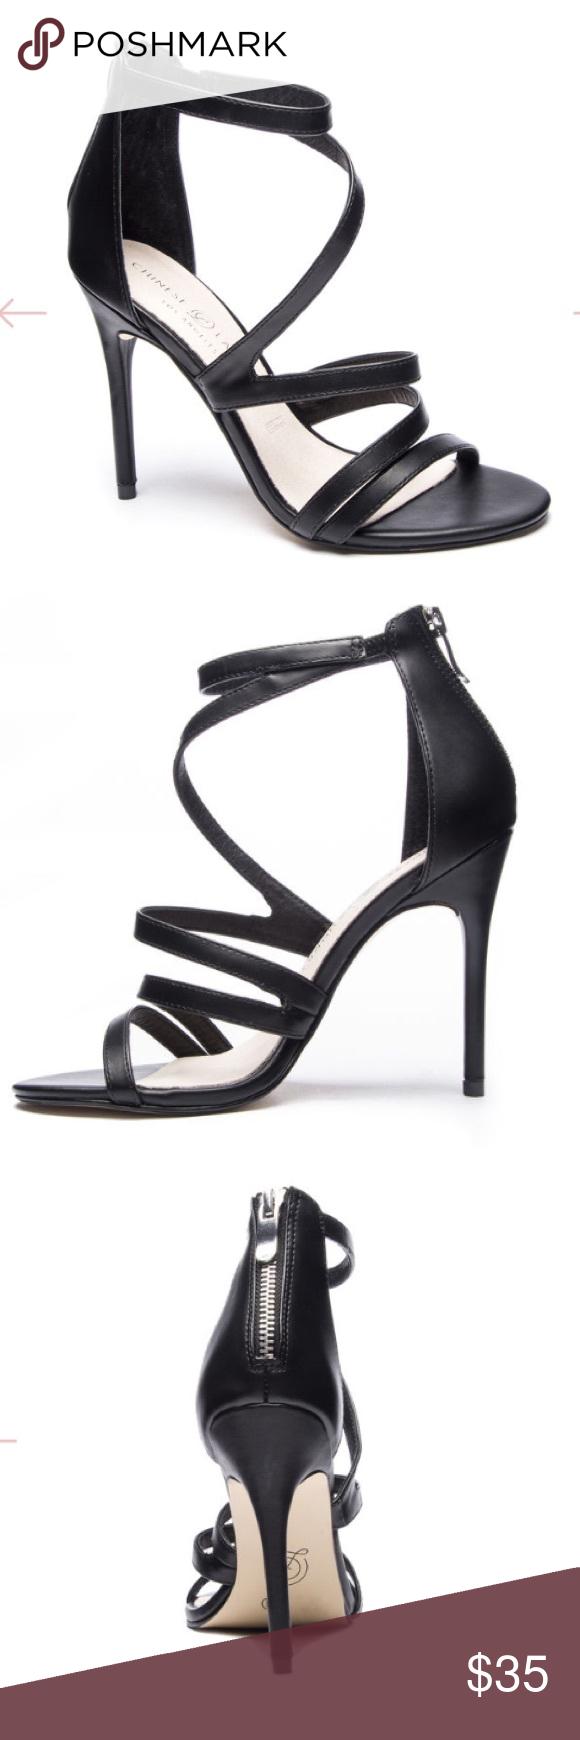 Chinese Laundry Black Strappy Heels Chic Strappy Stiletto Black